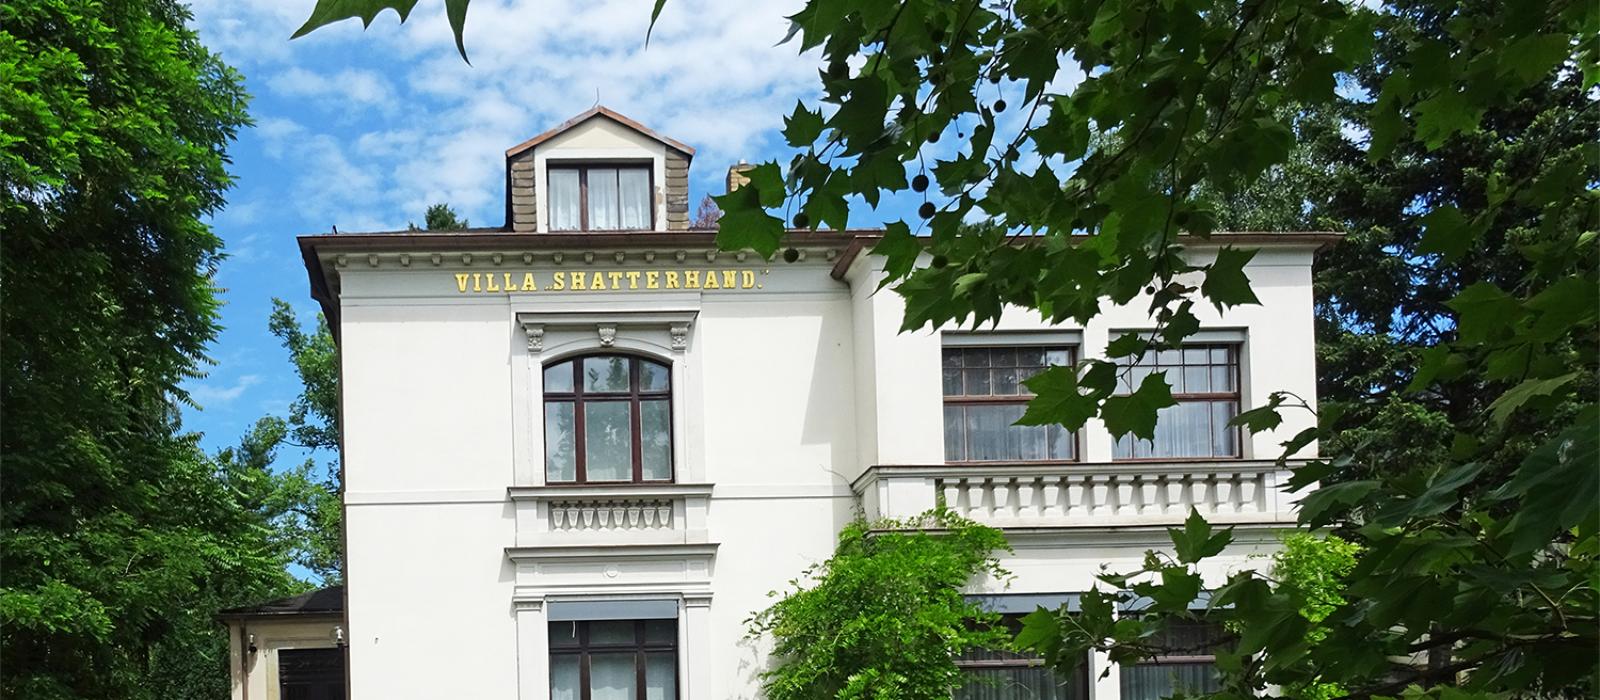 Außenansicht der Villa Shatterhand